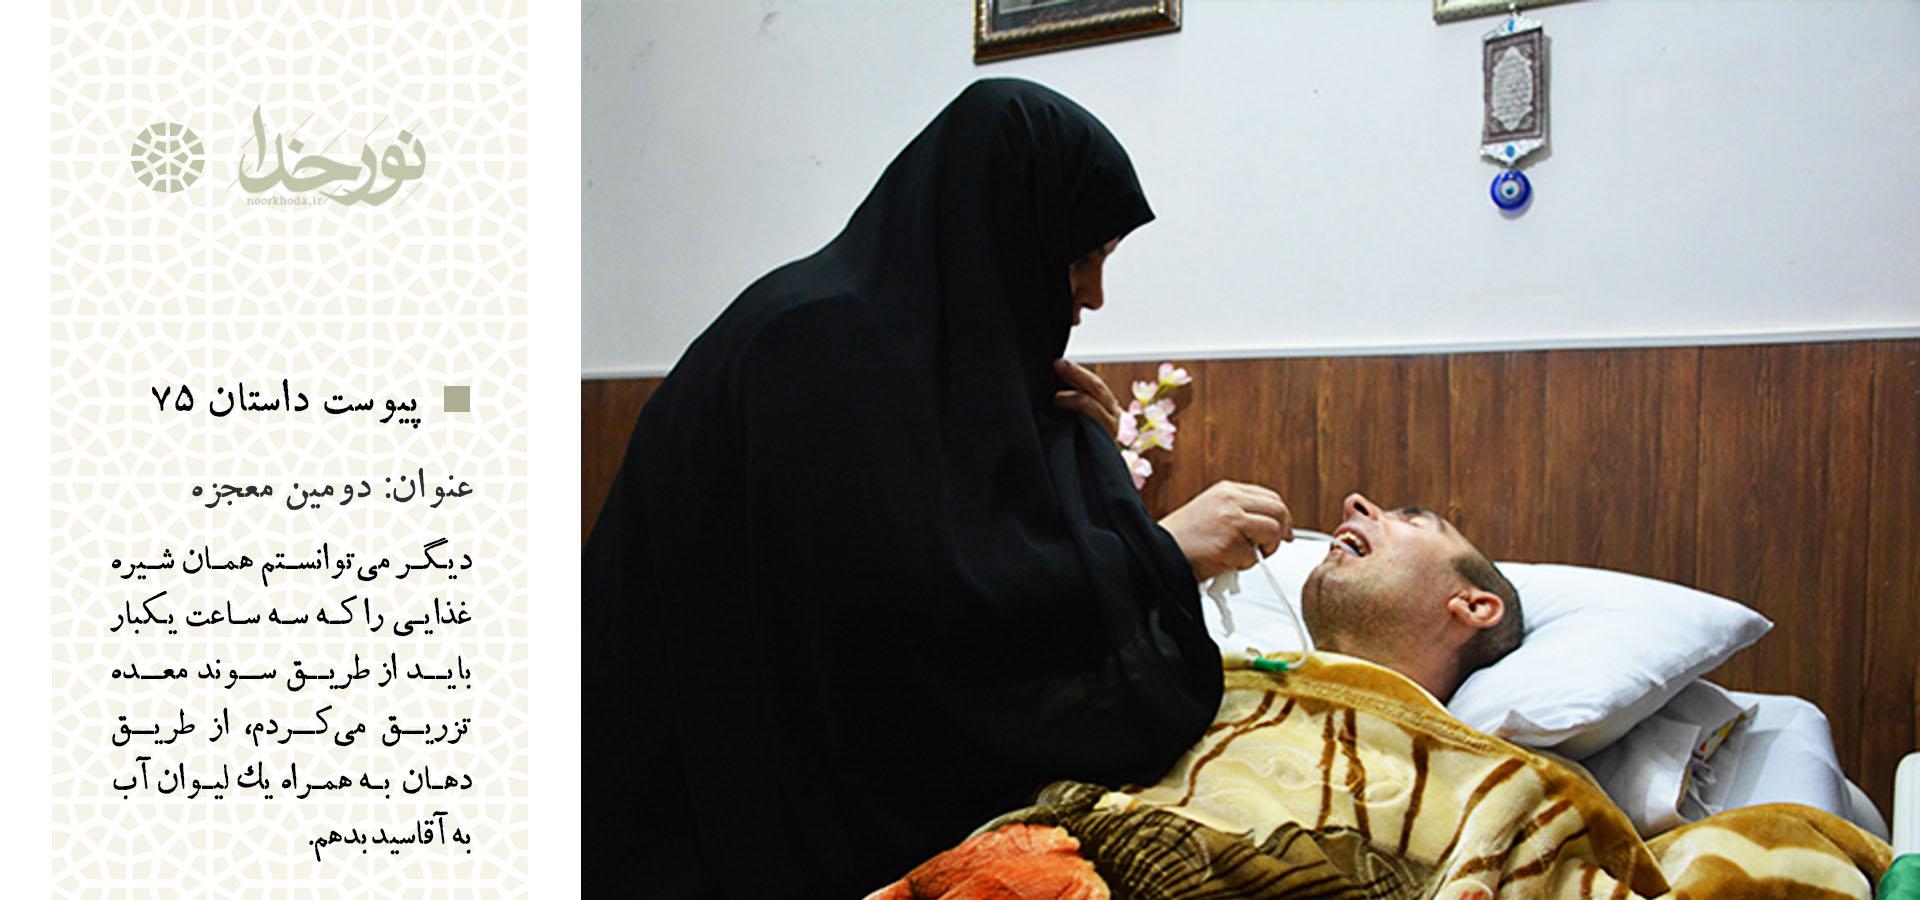 پرستاری خانم حافظی از همسرش سید نورخدا